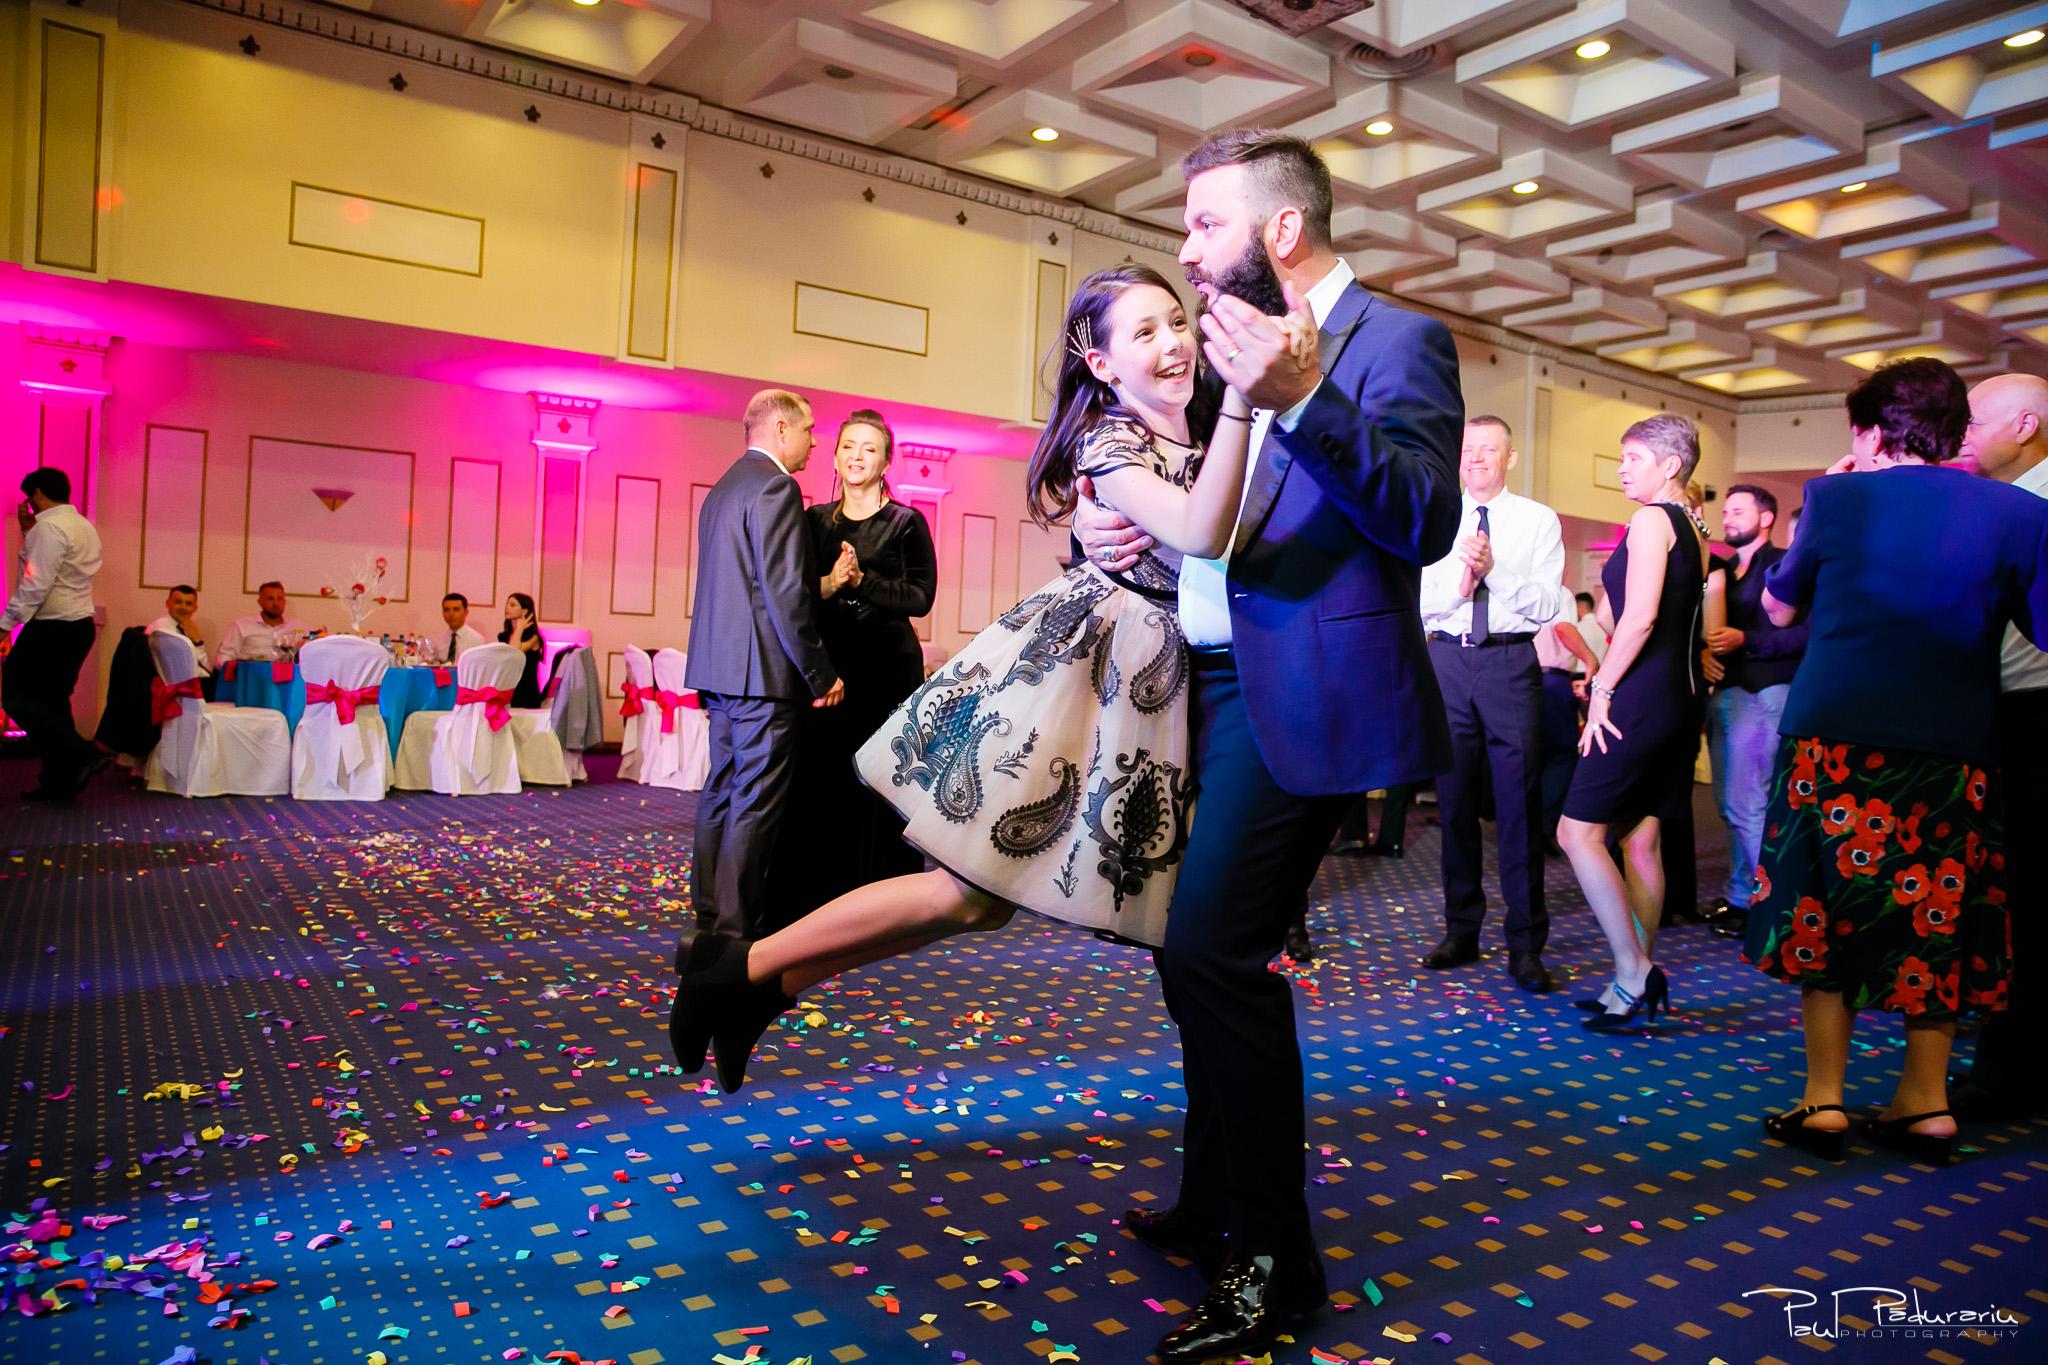 Antonia si Alin – Nunta in Iasi – restaurant Traian www.paulpadurariu.ro © 2018 Paul Padurariu fotograf profesionist nunta Iasi - dans invitati